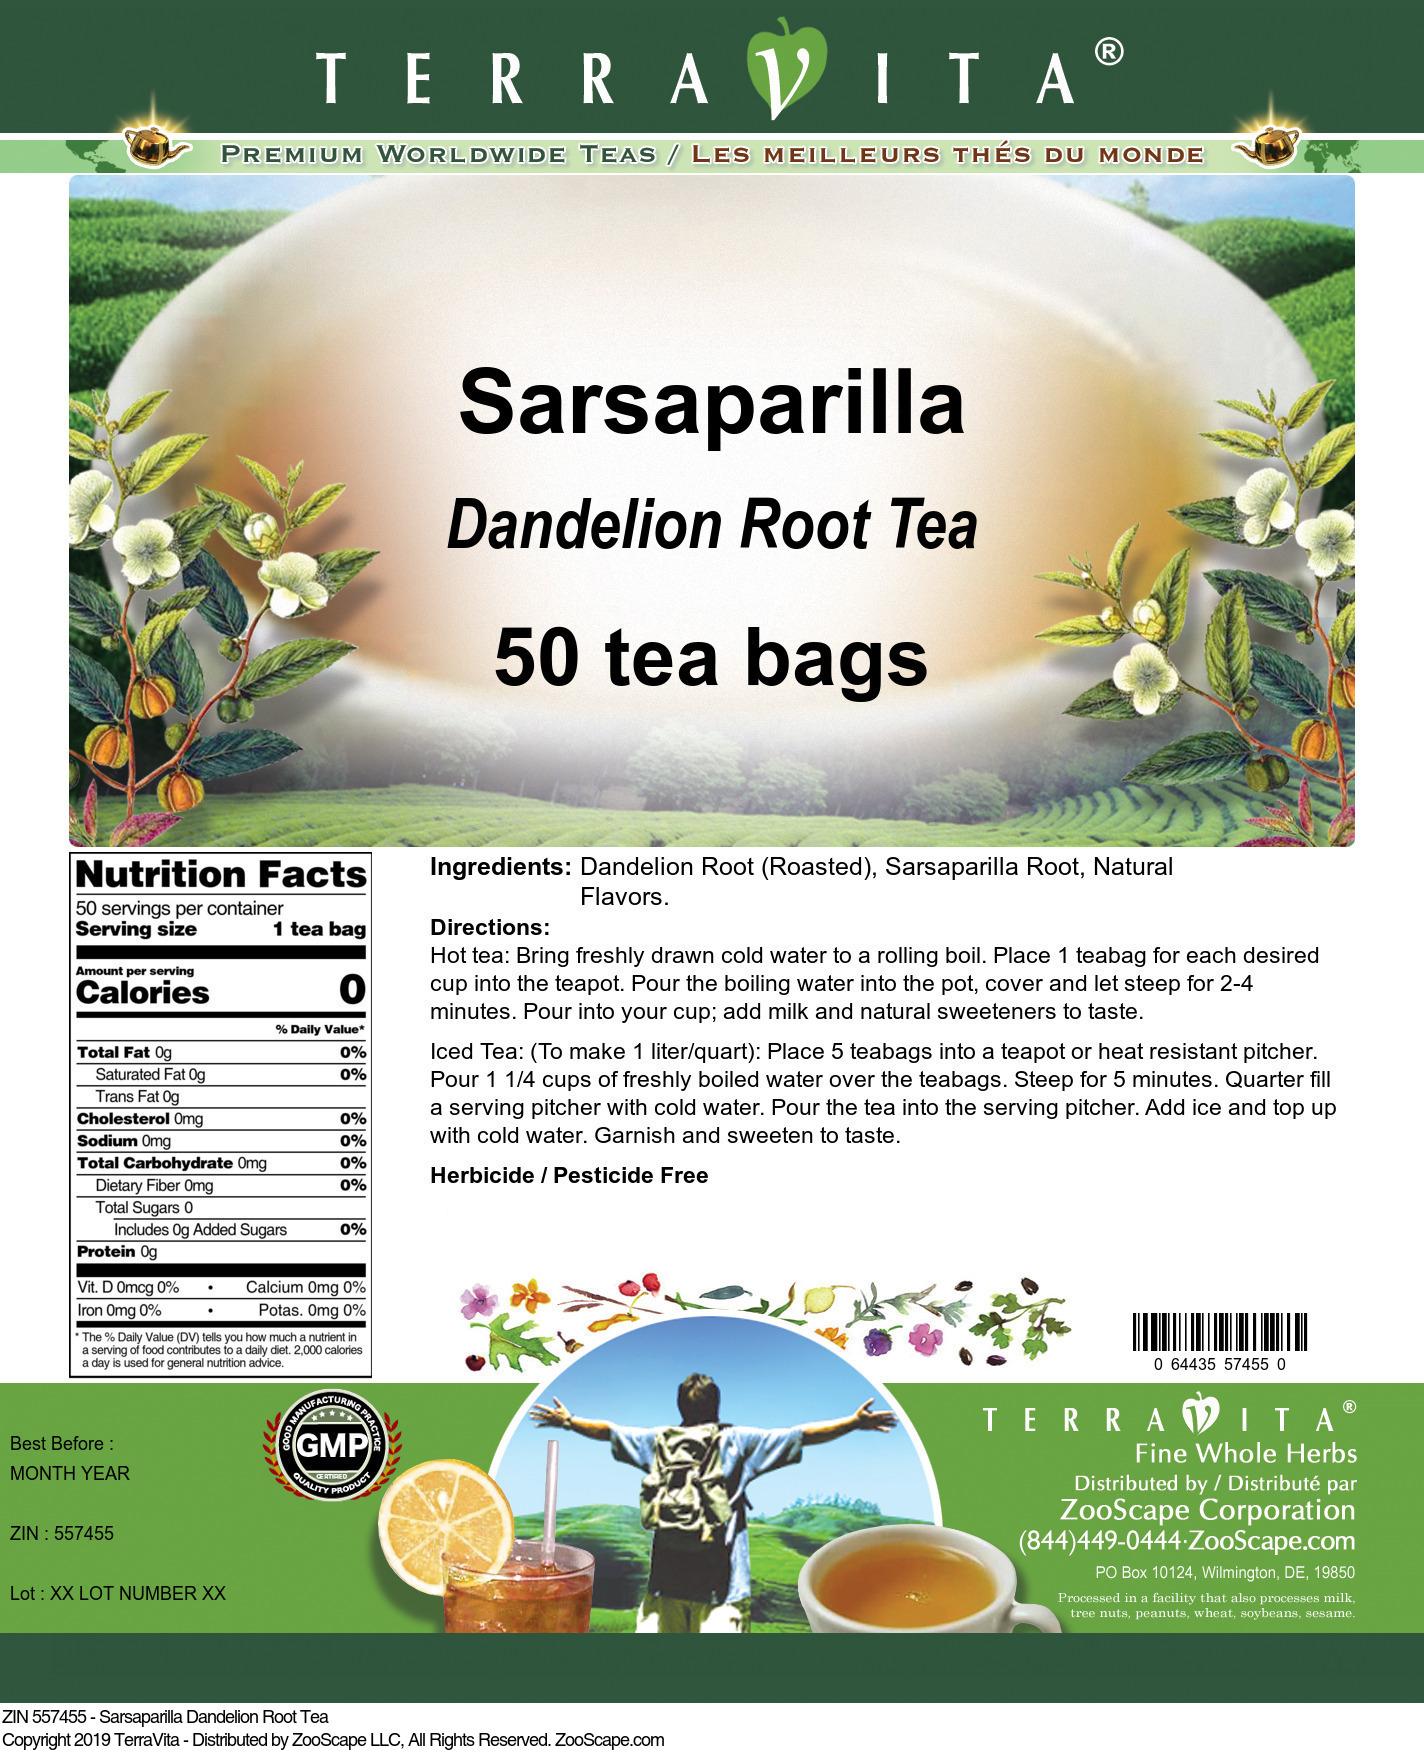 Sarsaparilla Dandelion Root